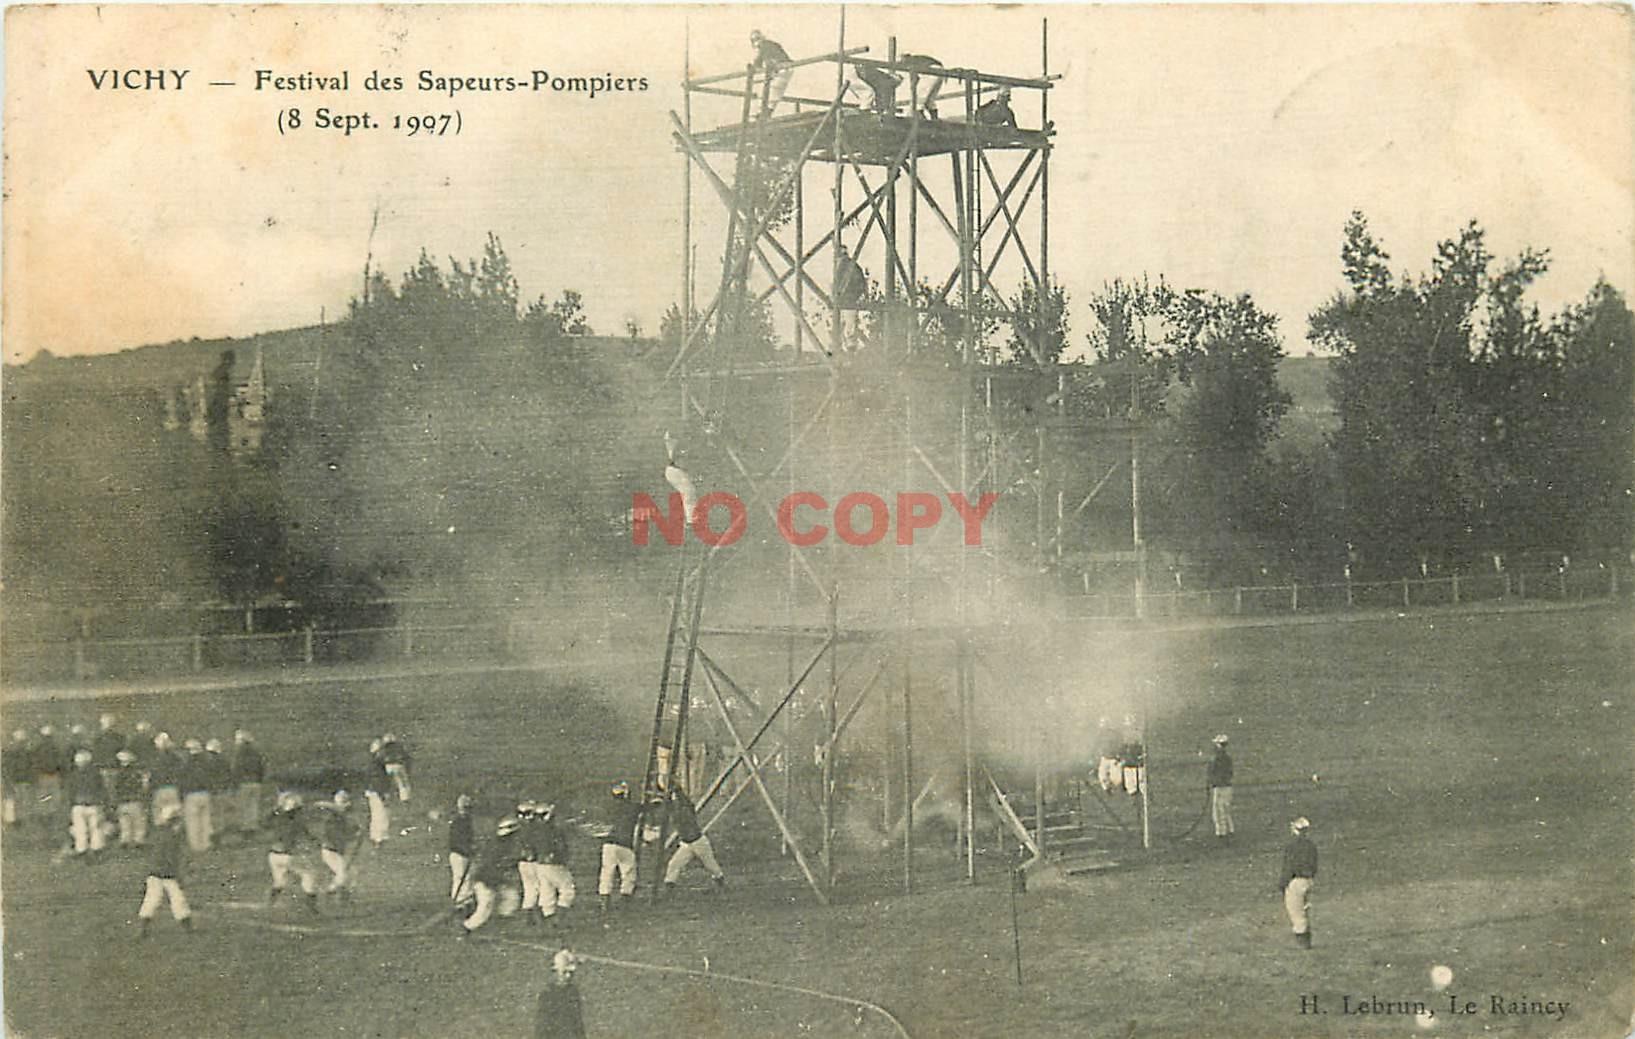 WW 03 VICHY. Festival des Sapeurs-Pompiers sur échaffaudage 1907